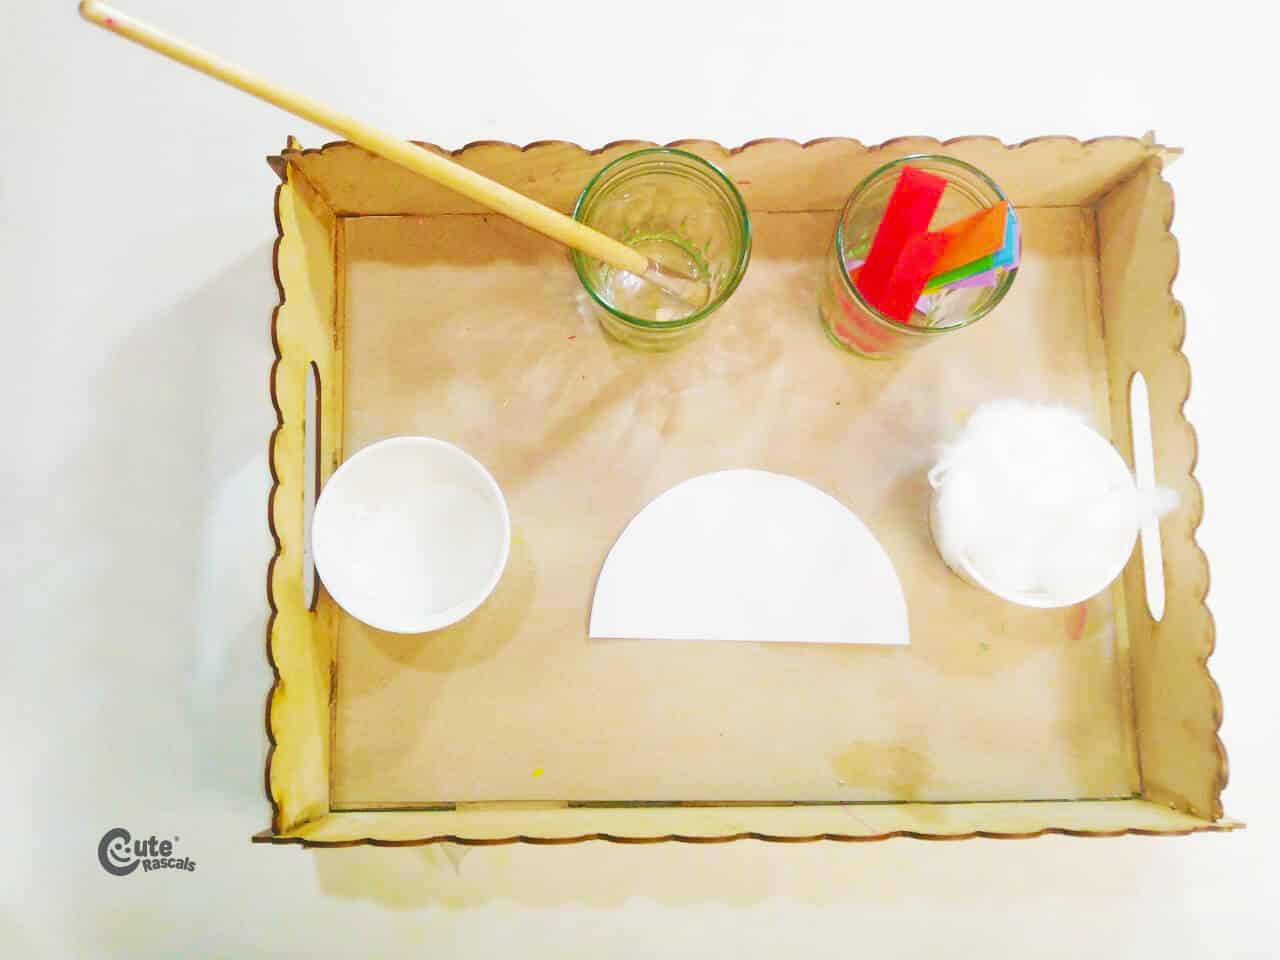 Materials Rainbow Handcraft Experiment